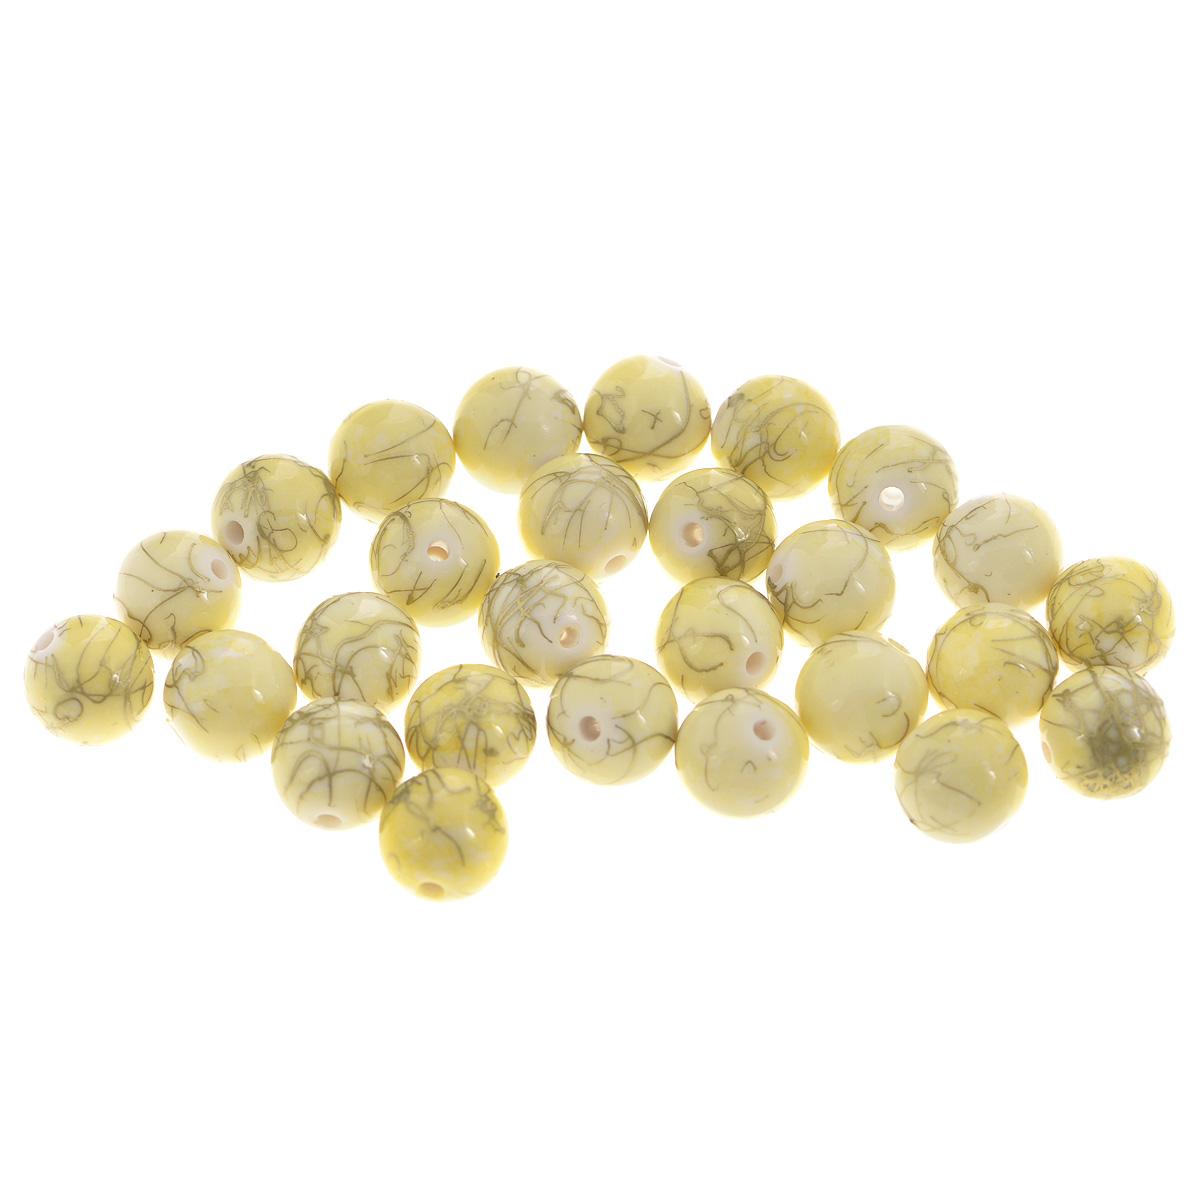 Бусины Астра Цветные камешки, цвет: шампань (6-31), диаметр 13 мм, 27 шт7710782_6-31Набор бусин Астра Цветные камешки, изготовленный из пластика, позволит вам своими руками создать оригинальные ожерелья, бусы или браслеты. Круглые бусины изготовлены в виде камешков и имеют цветные разводы с оригинальным золотистым узором. Изготовление украшений - занимательное хобби и реализация творческих способностей рукодельницы, это возможность создания неповторимого индивидуального подарка. Диаметр бусины: 13 мм.